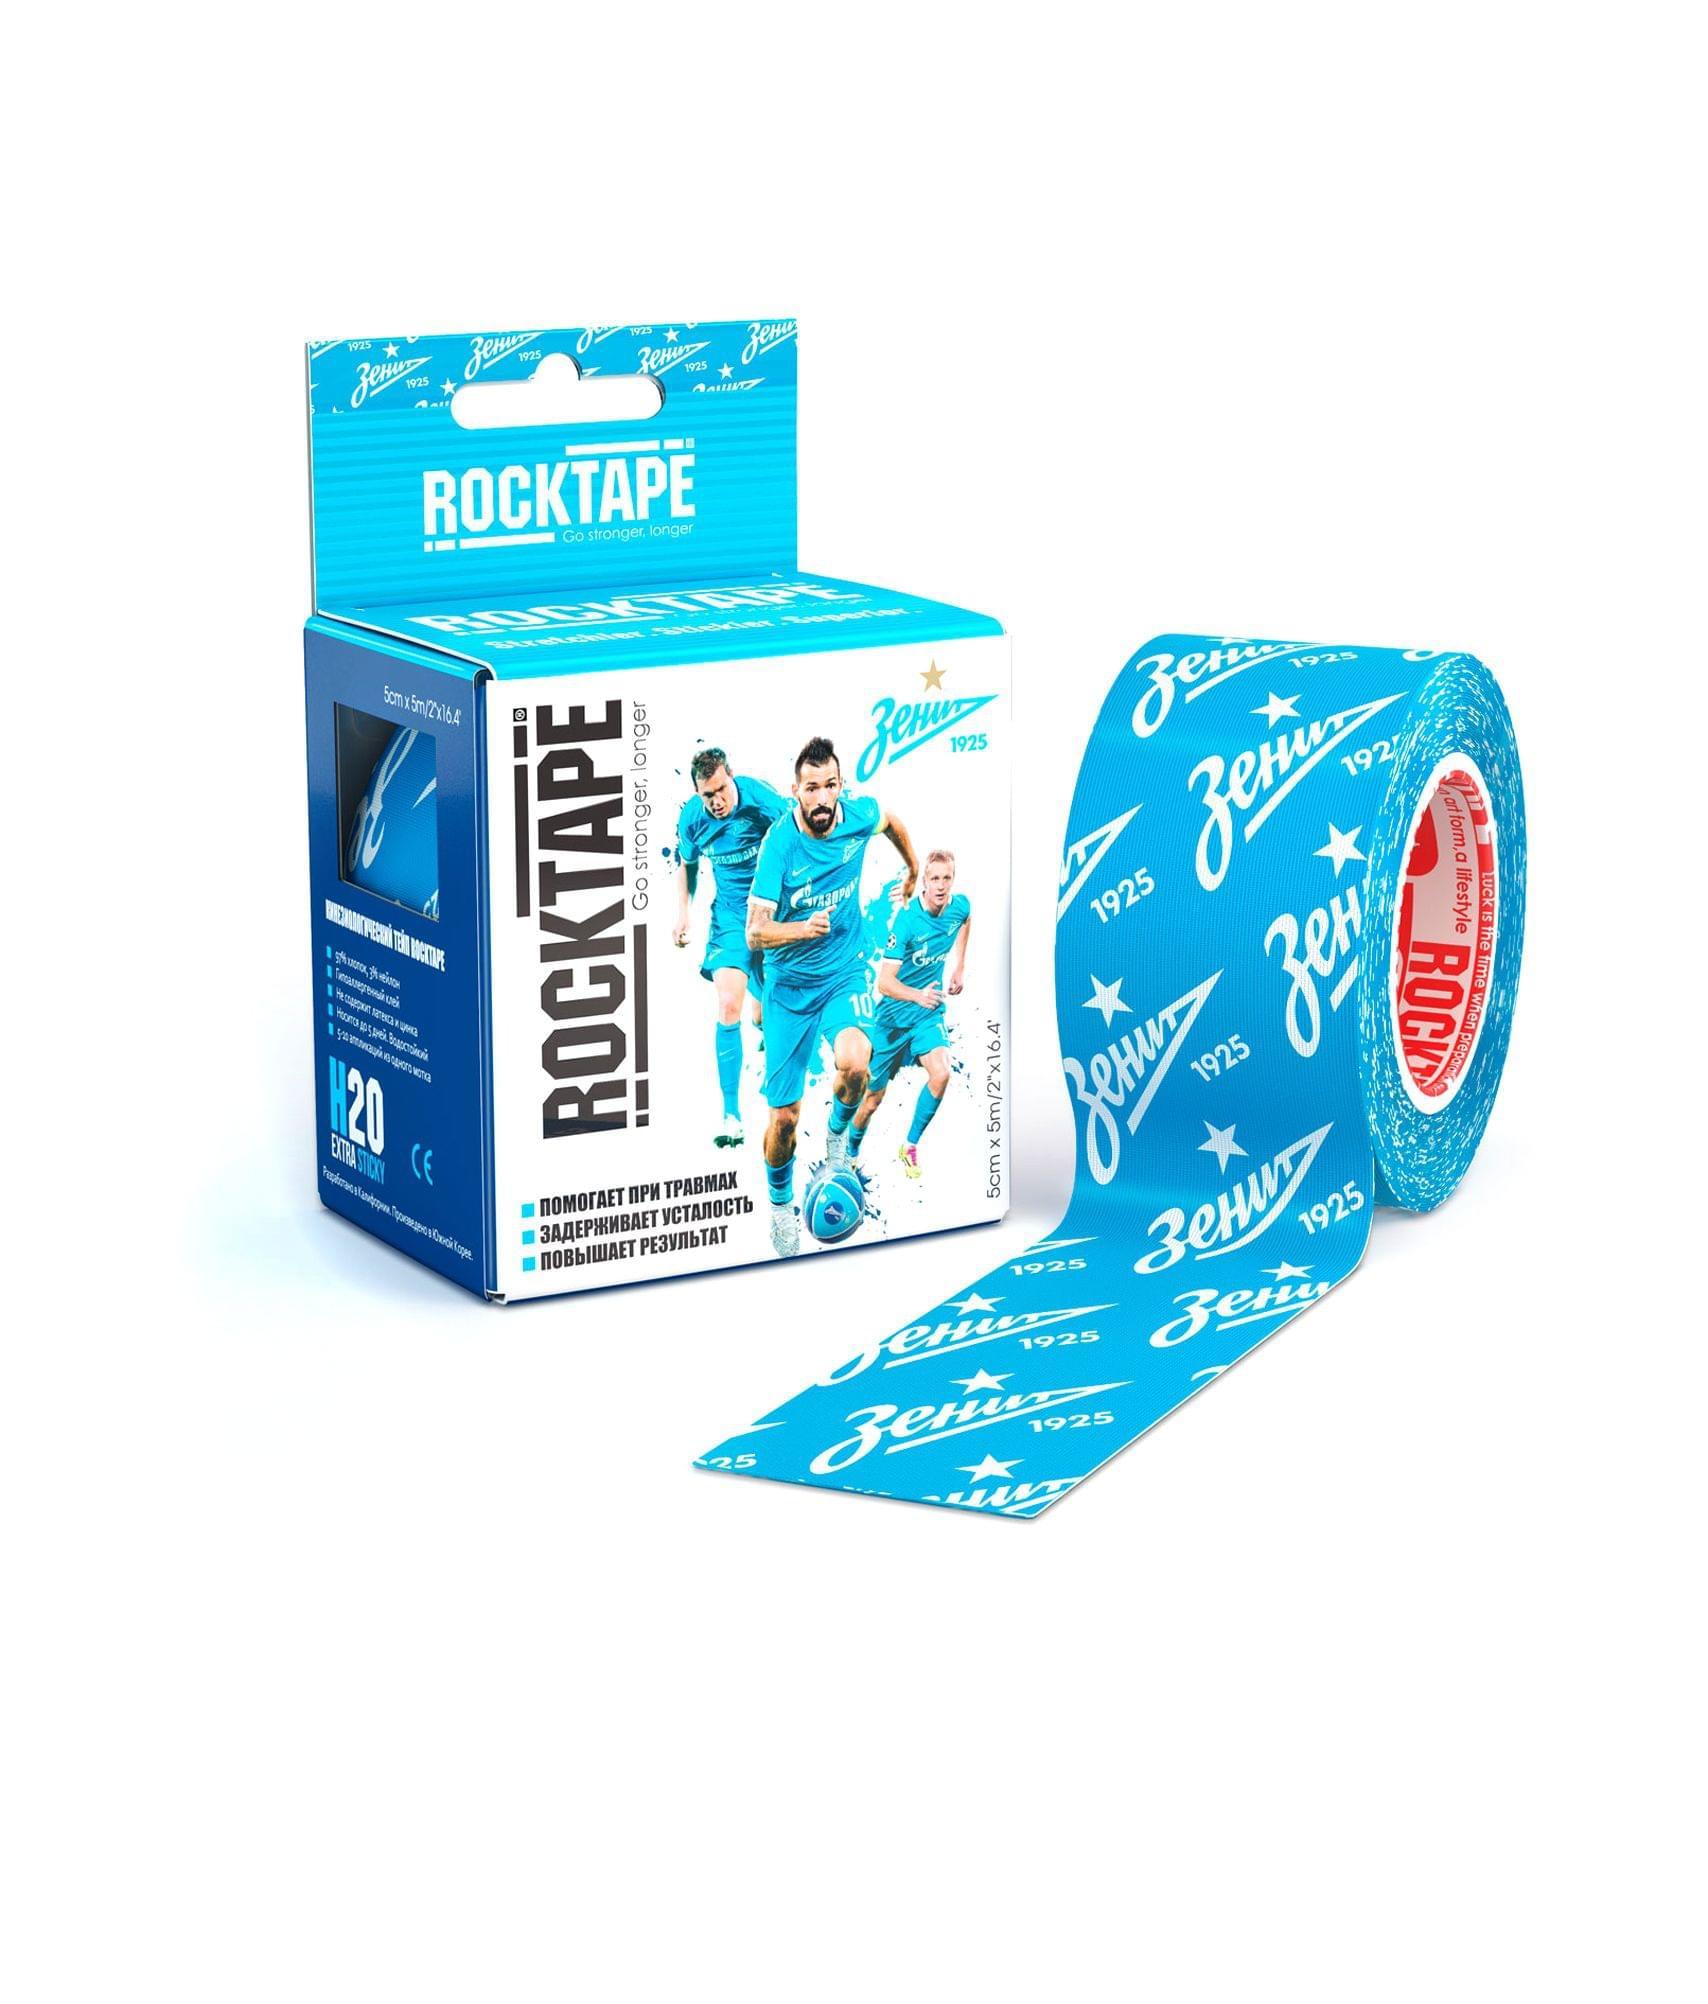 Тейп Rocktape H2O, 5см х 5м рамка декоративная для 2 х фотографий с любовью 4 5 4 5см h 6 5см l 18 5см 767073